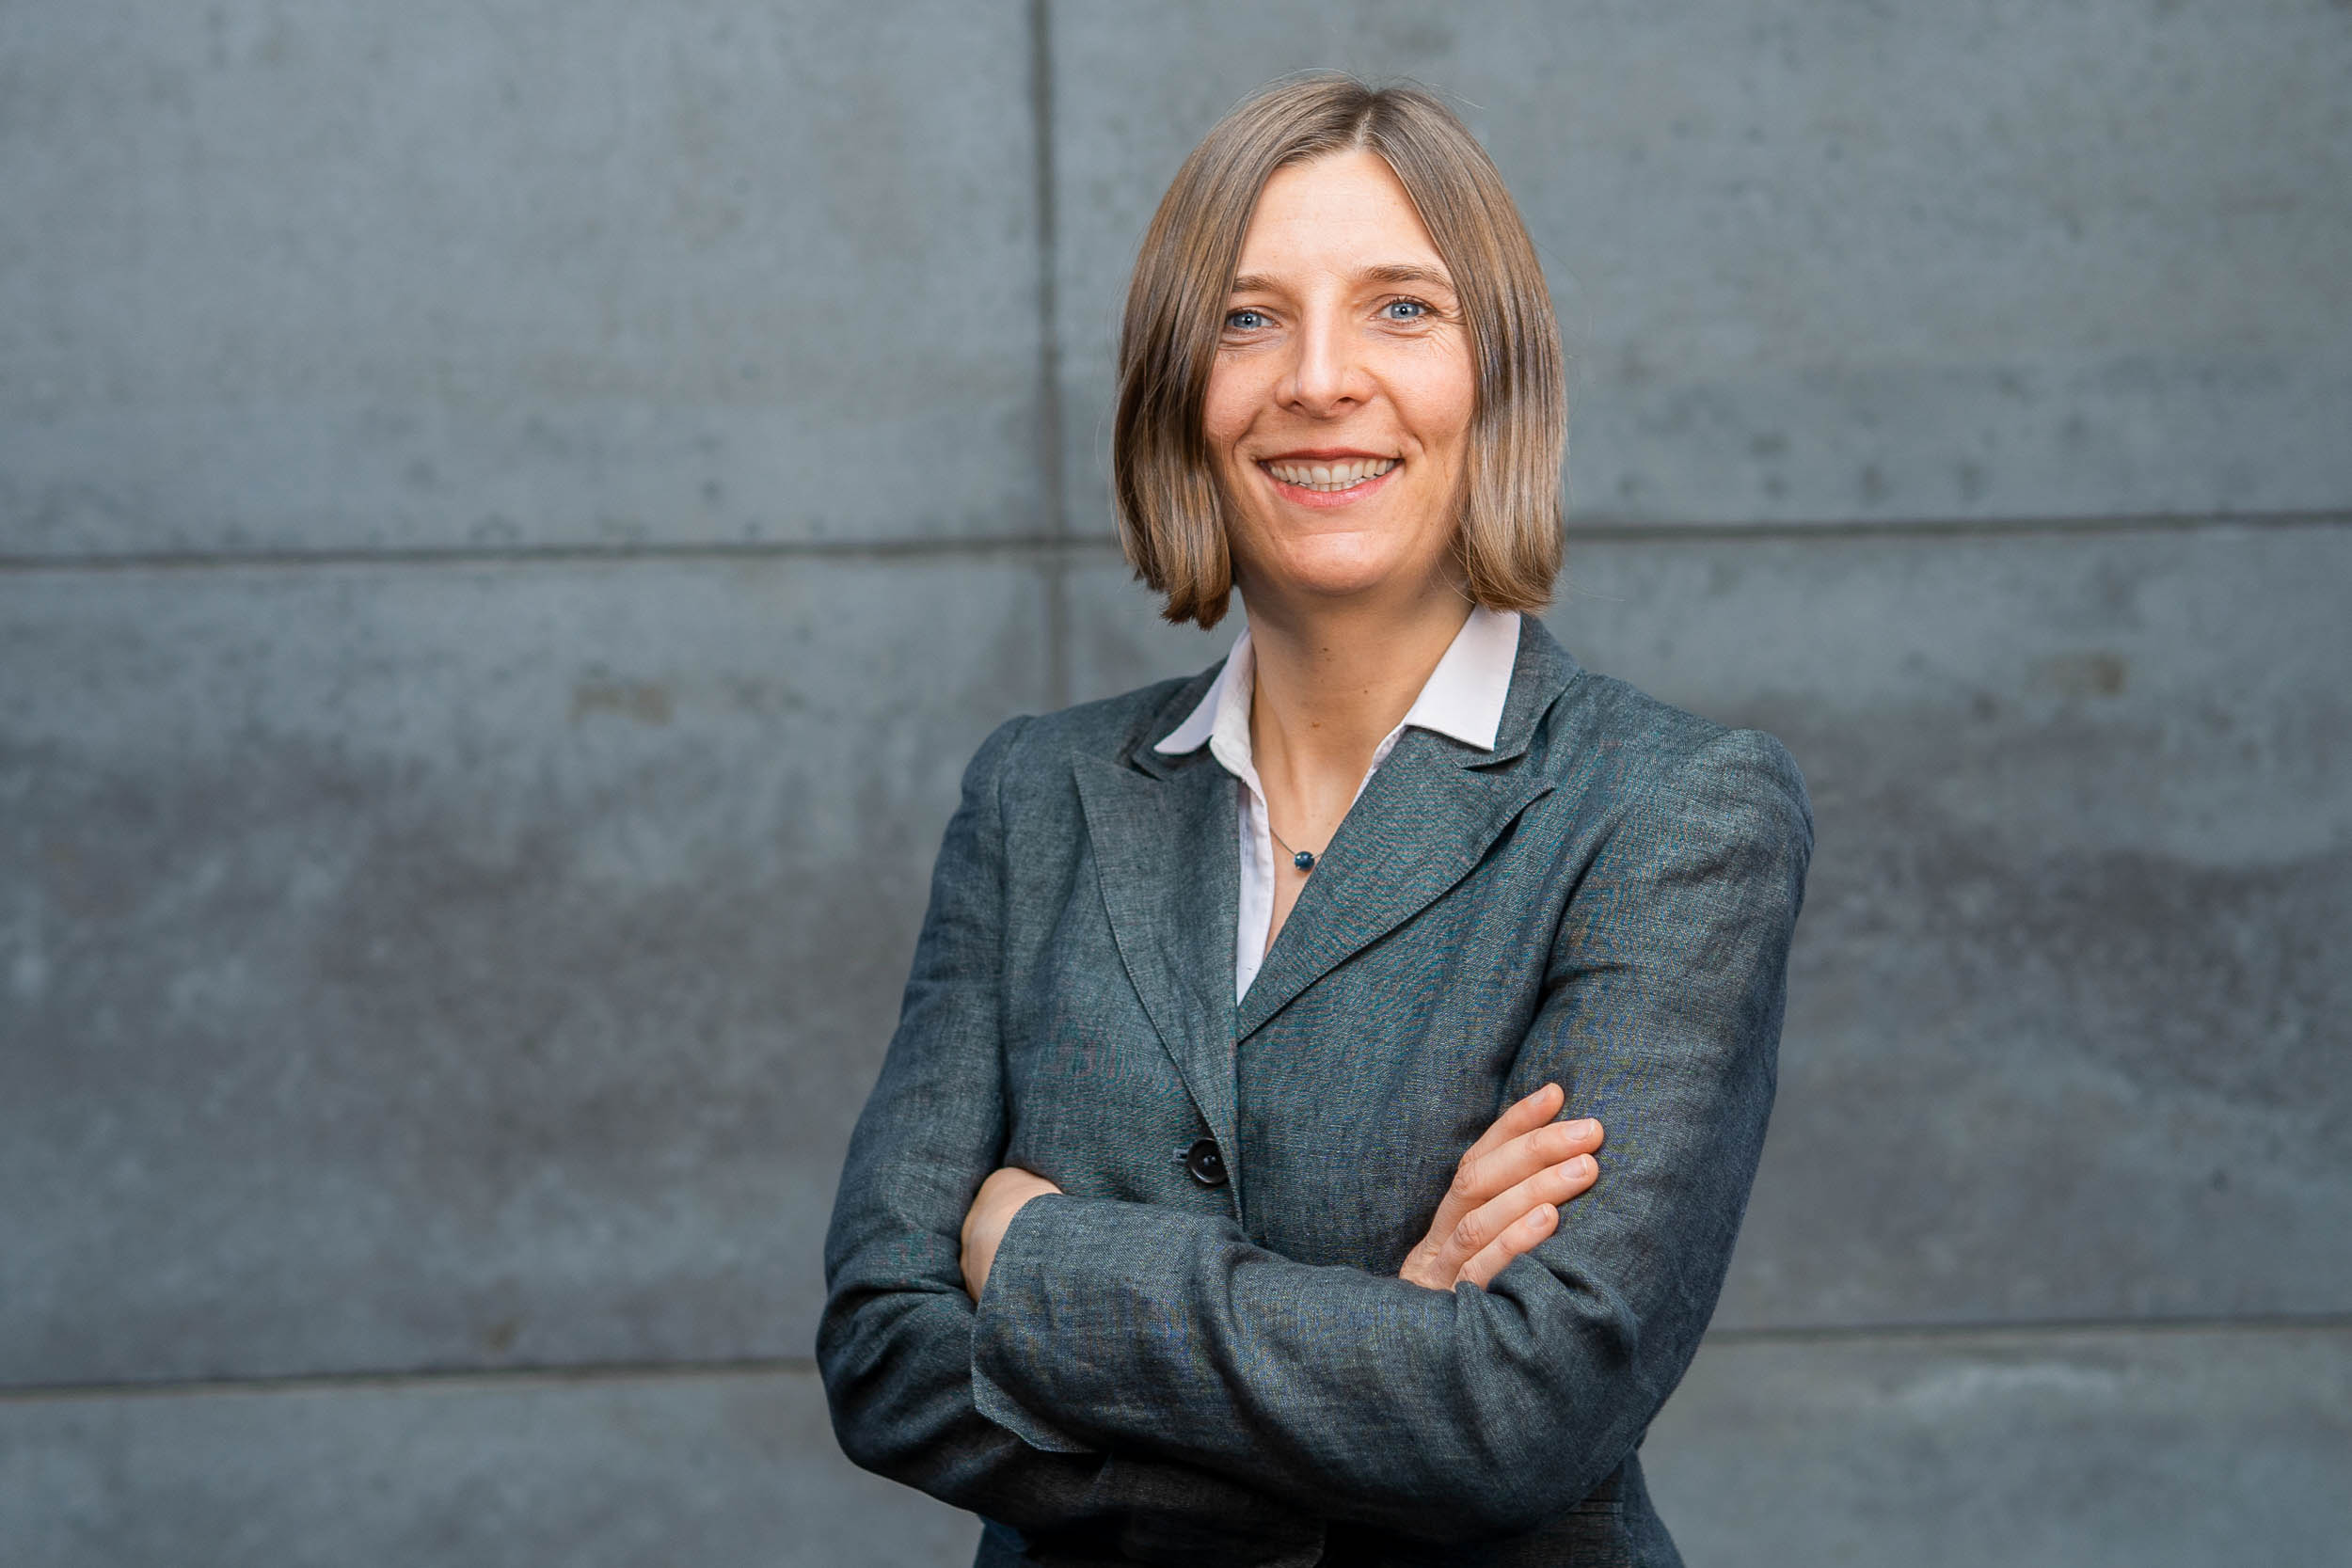 Profil von Dr. Nele Klose